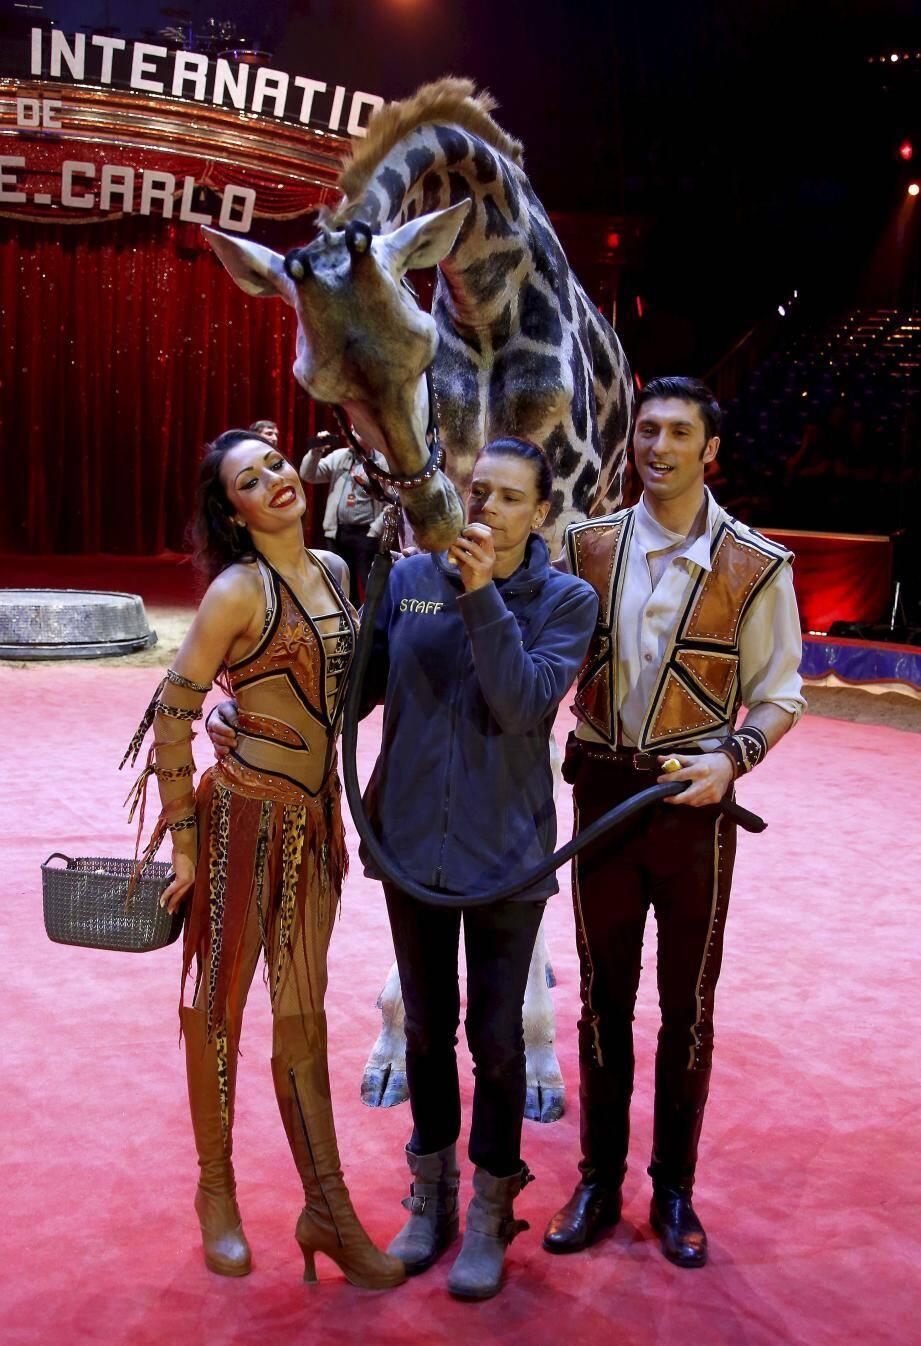 La princesse Stéphanie, complice avec la jeune girafe de József et Merrylu  Richter, au moment des répétitions.